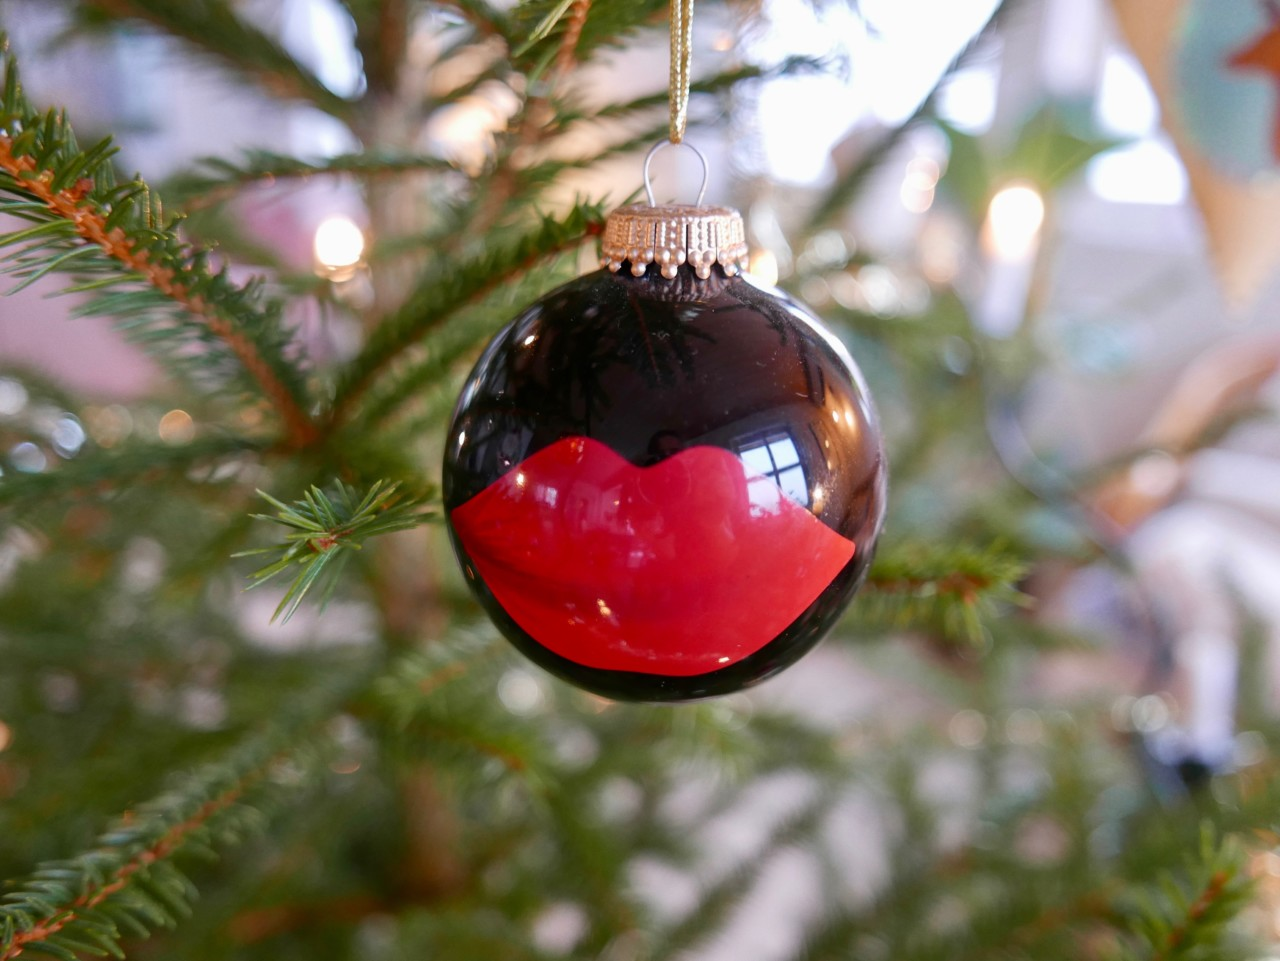 sonia-rykiel-jule-kule-lille-julaften-green-house